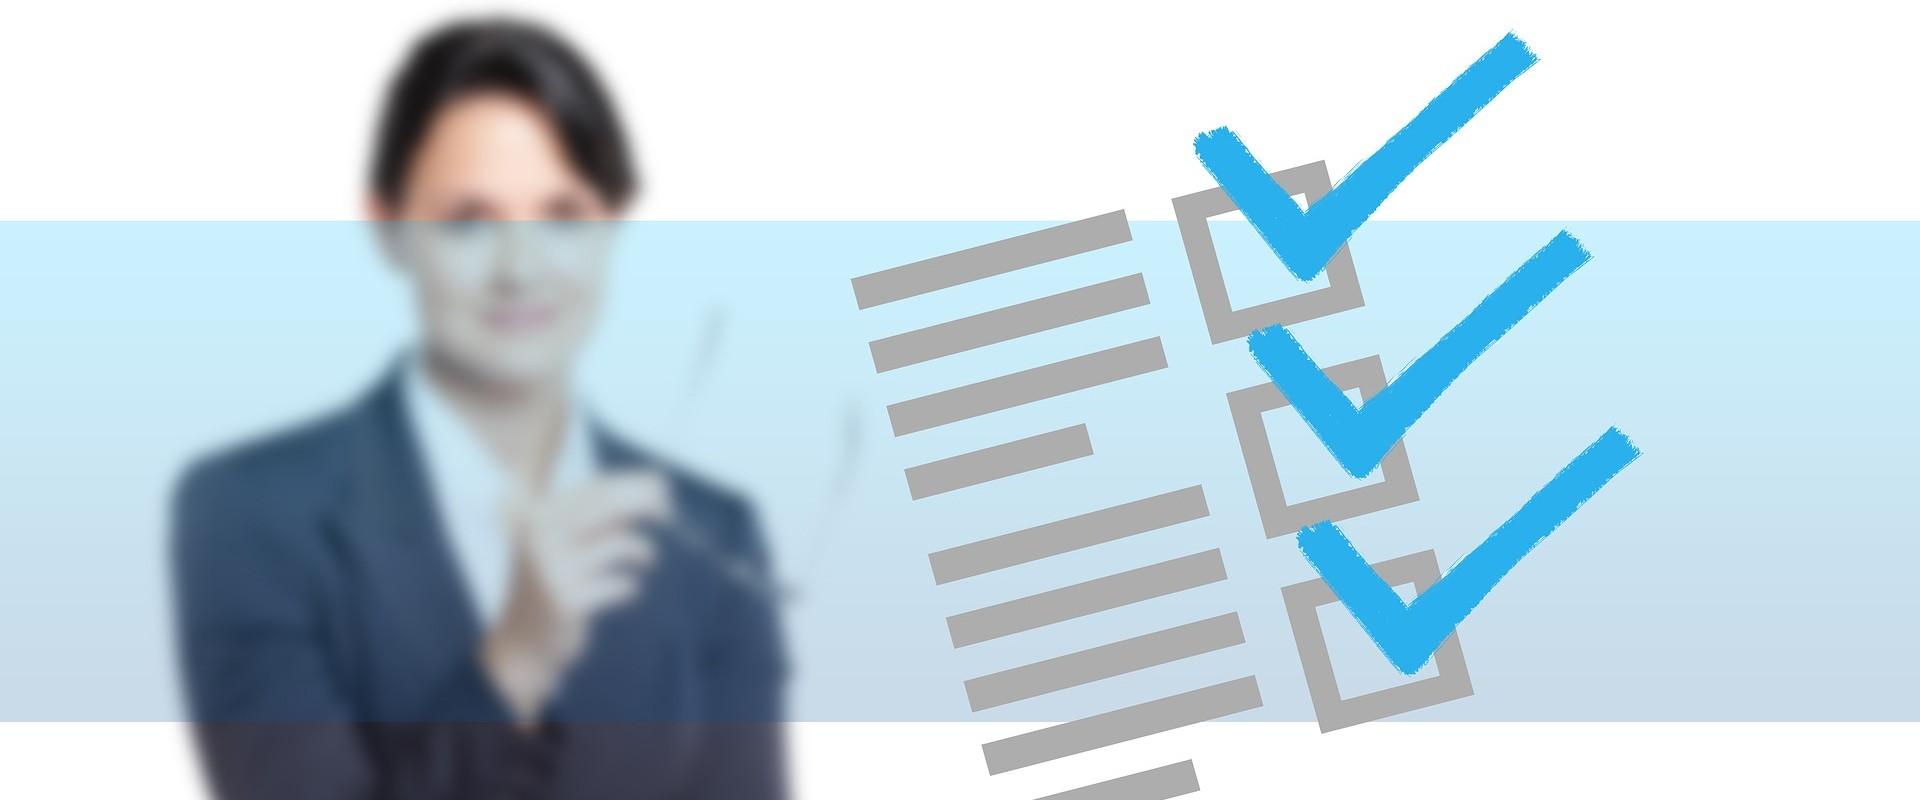 Hoe zet ik een ISO 9001 kwaliteitssysteem op?